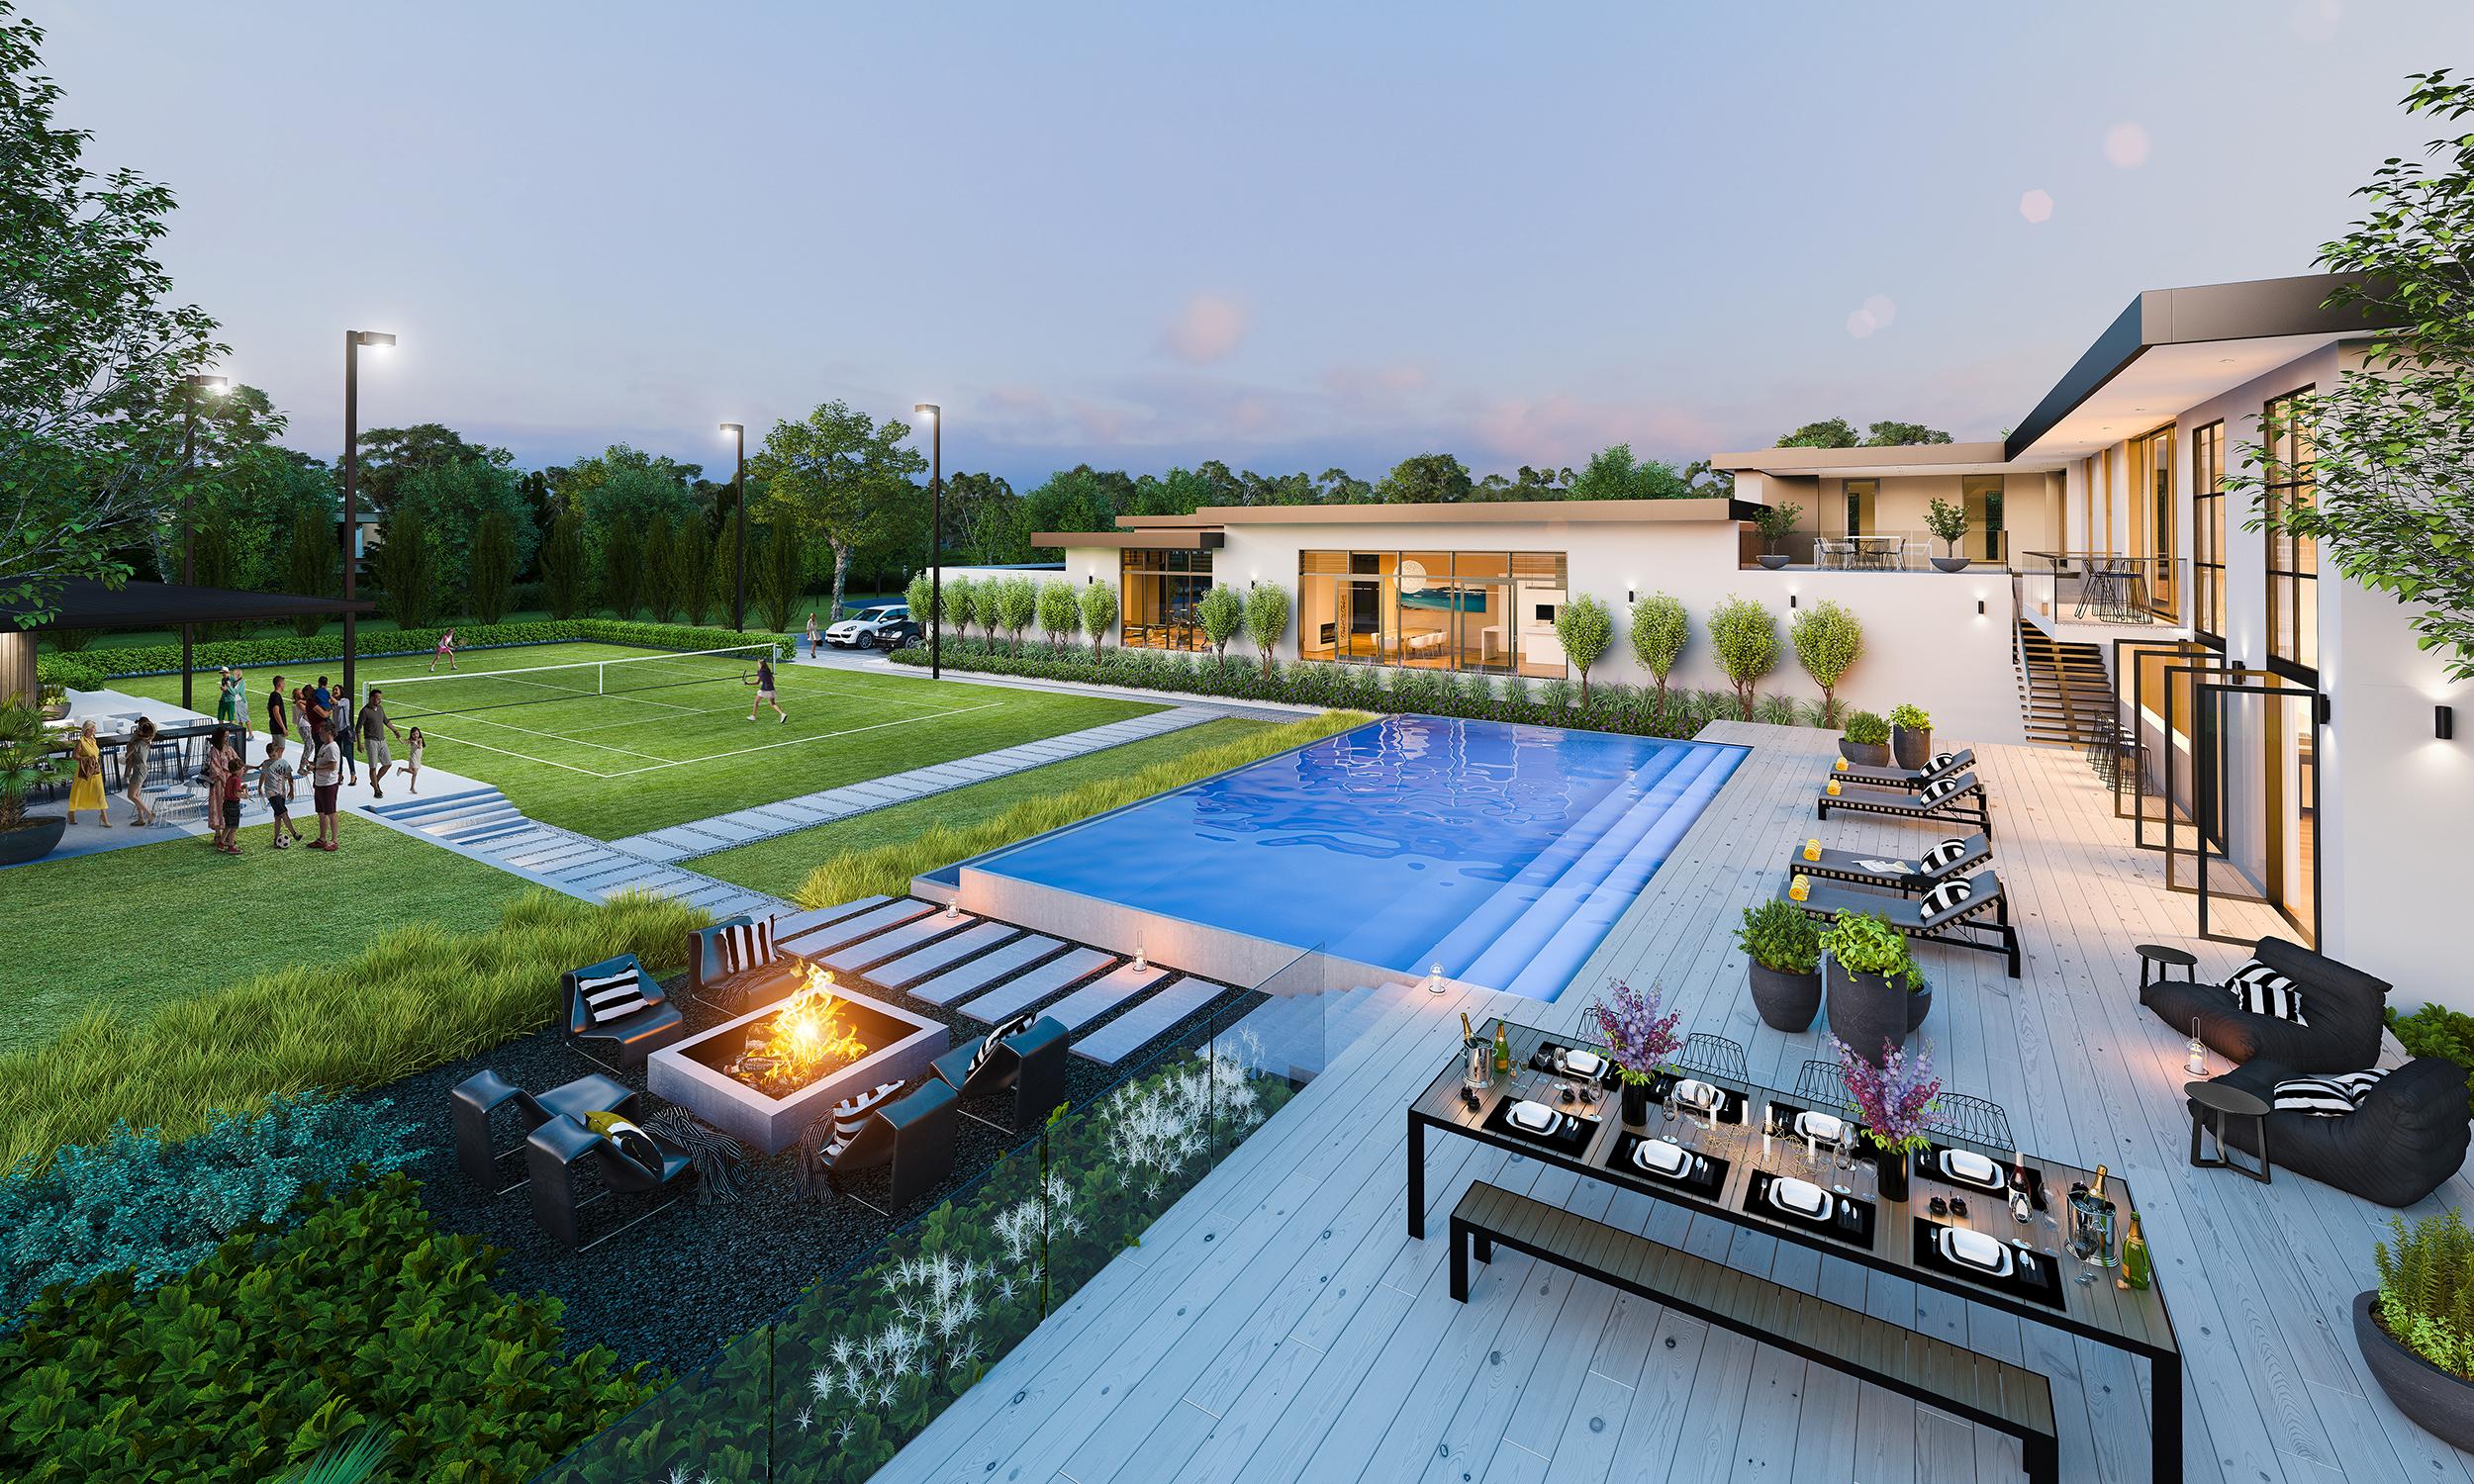 Maddison Estate - Deck HR CLIENT_Dusk update 3 MR GLOWS.jpg